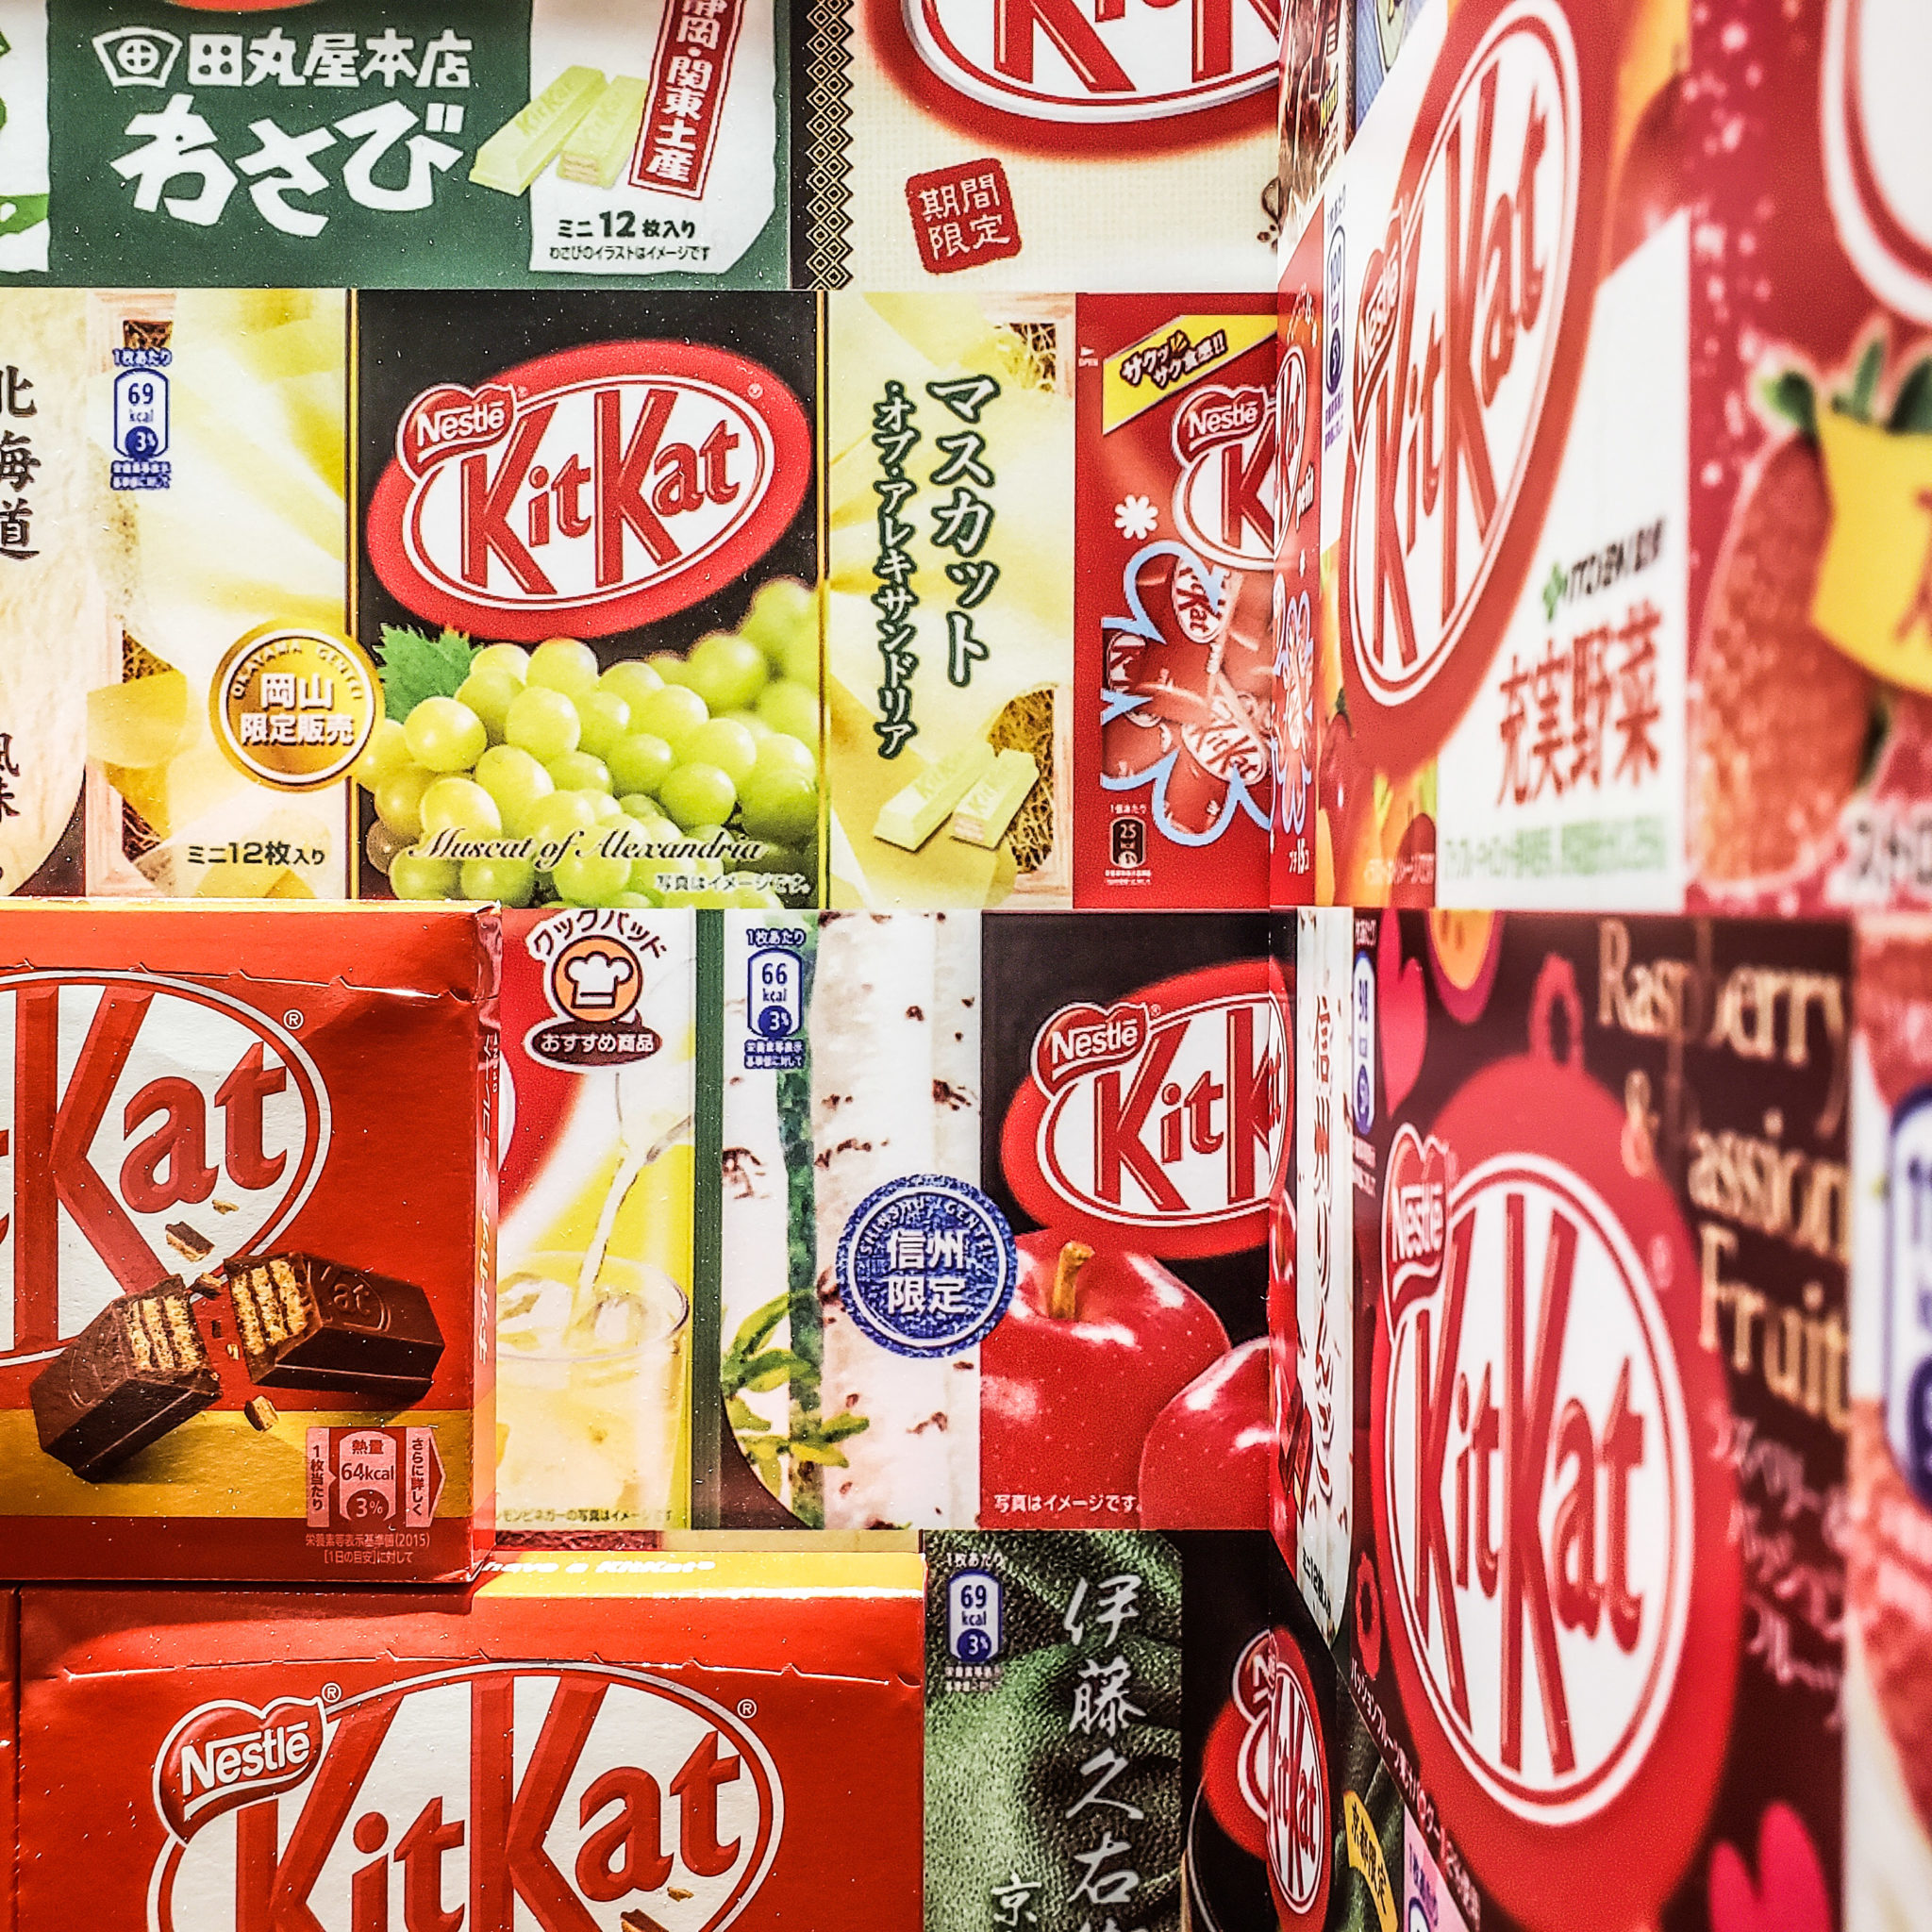 Kit Kat Chocolatory Ginza Tokyo Japan